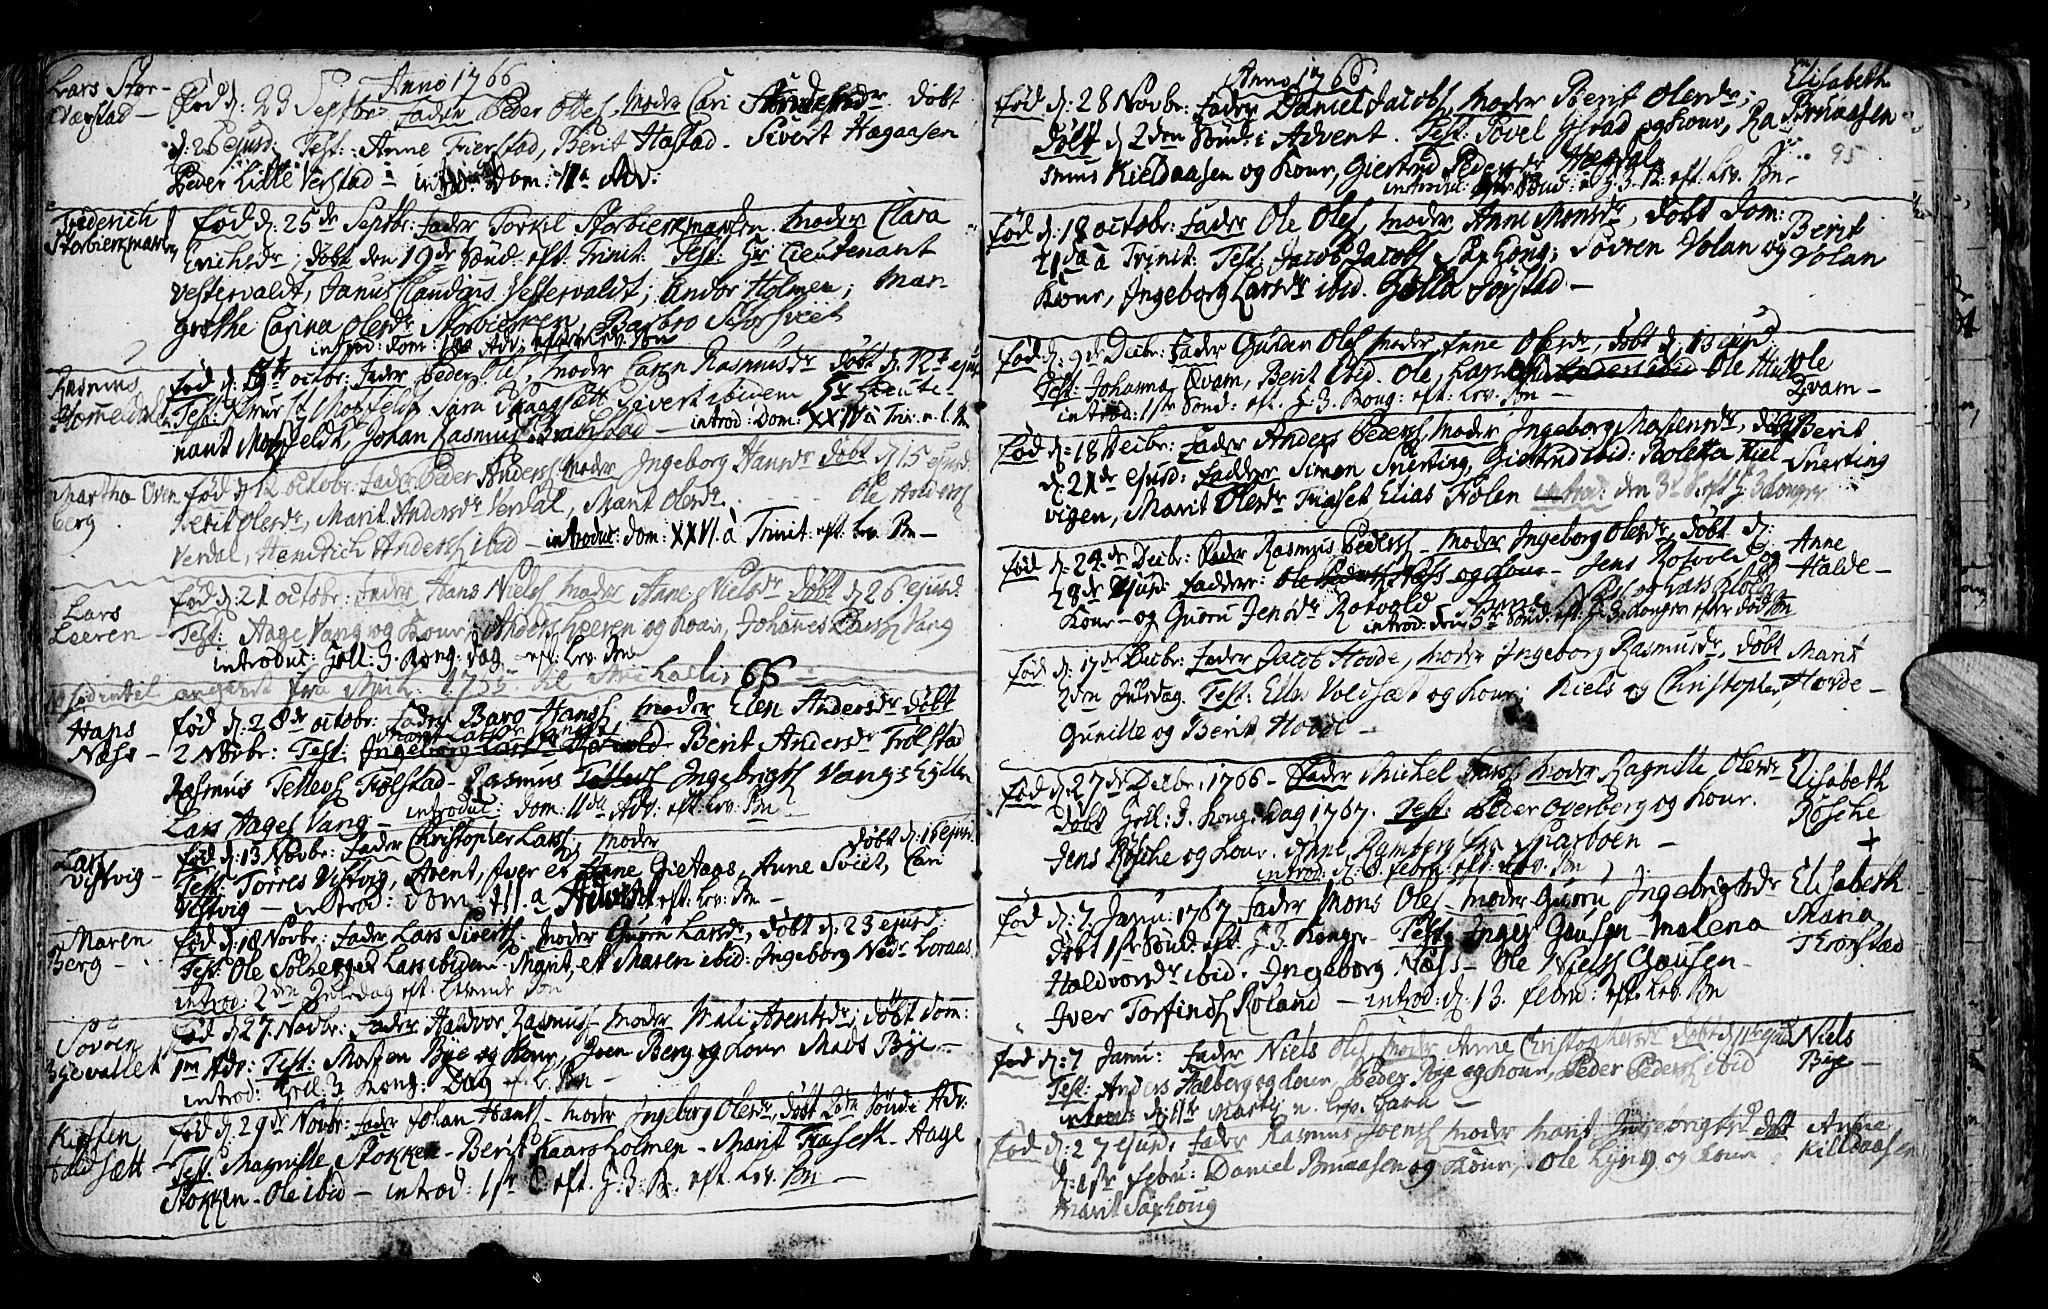 SAT, Ministerialprotokoller, klokkerbøker og fødselsregistre - Nord-Trøndelag, 730/L0273: Ministerialbok nr. 730A02, 1762-1802, s. 95